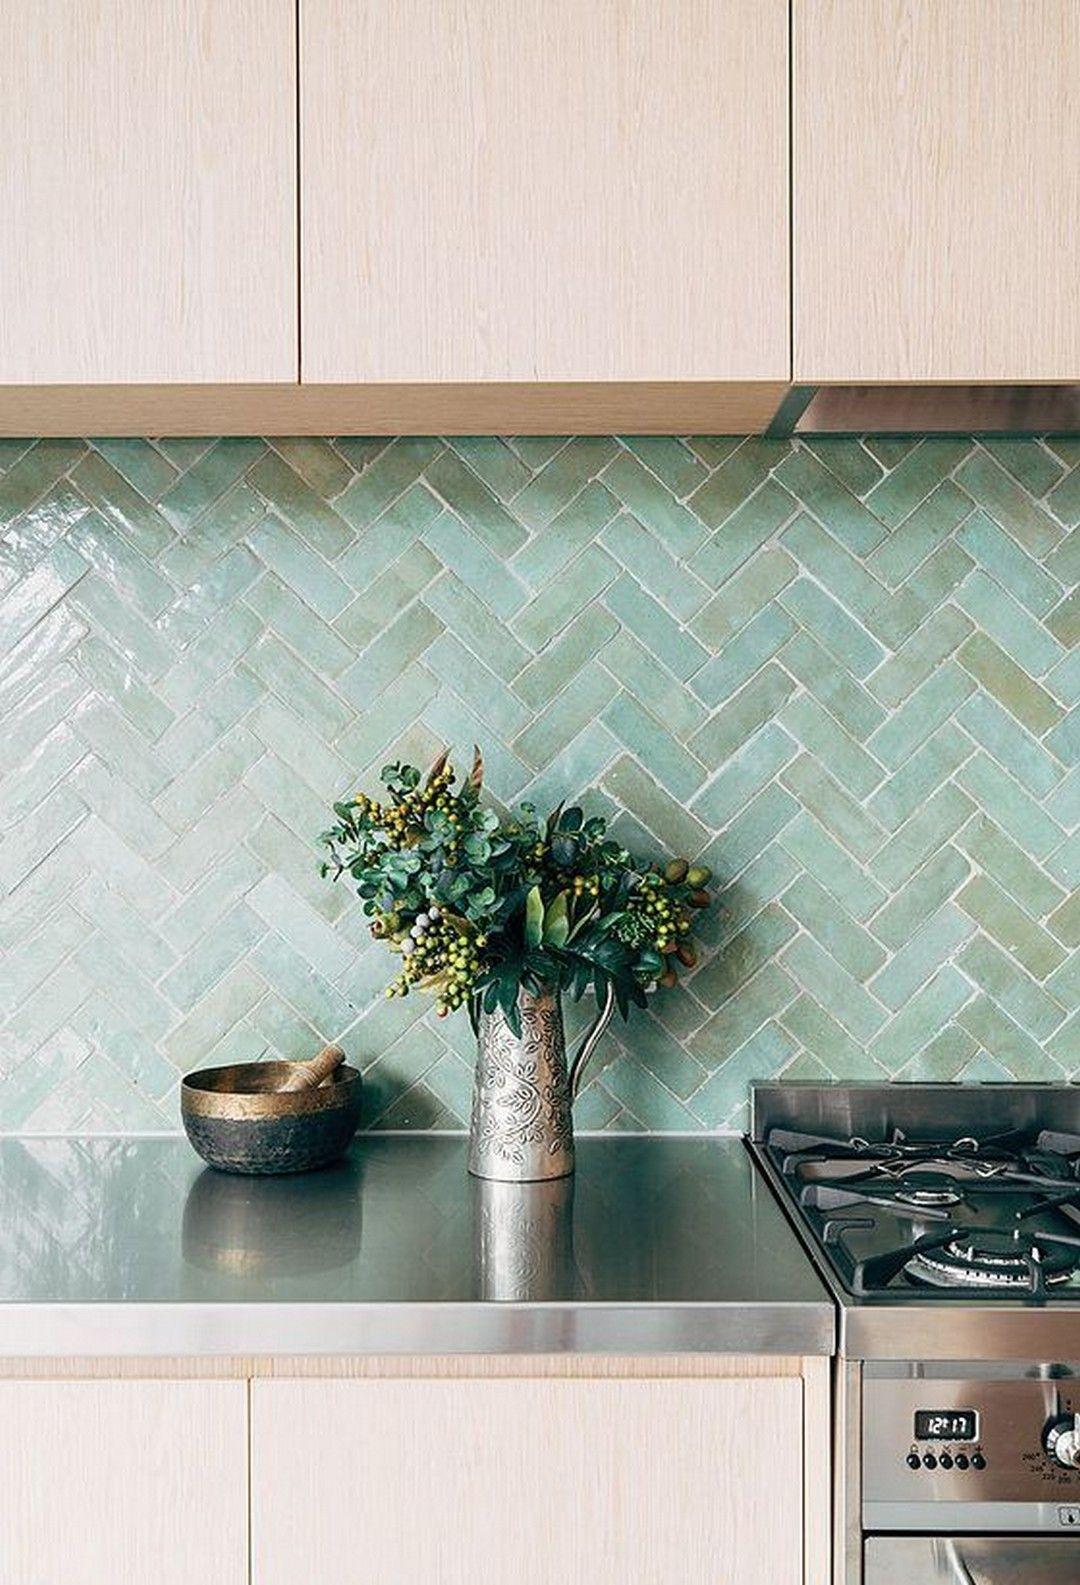 45 Upgrade Your Kitchen With These Amazing Backsplash Ideas Https Kitchendecorpad Com 2018 11 03 4 Kitchen Splashback Tiles Kitchen Marble Kitchen Splashback